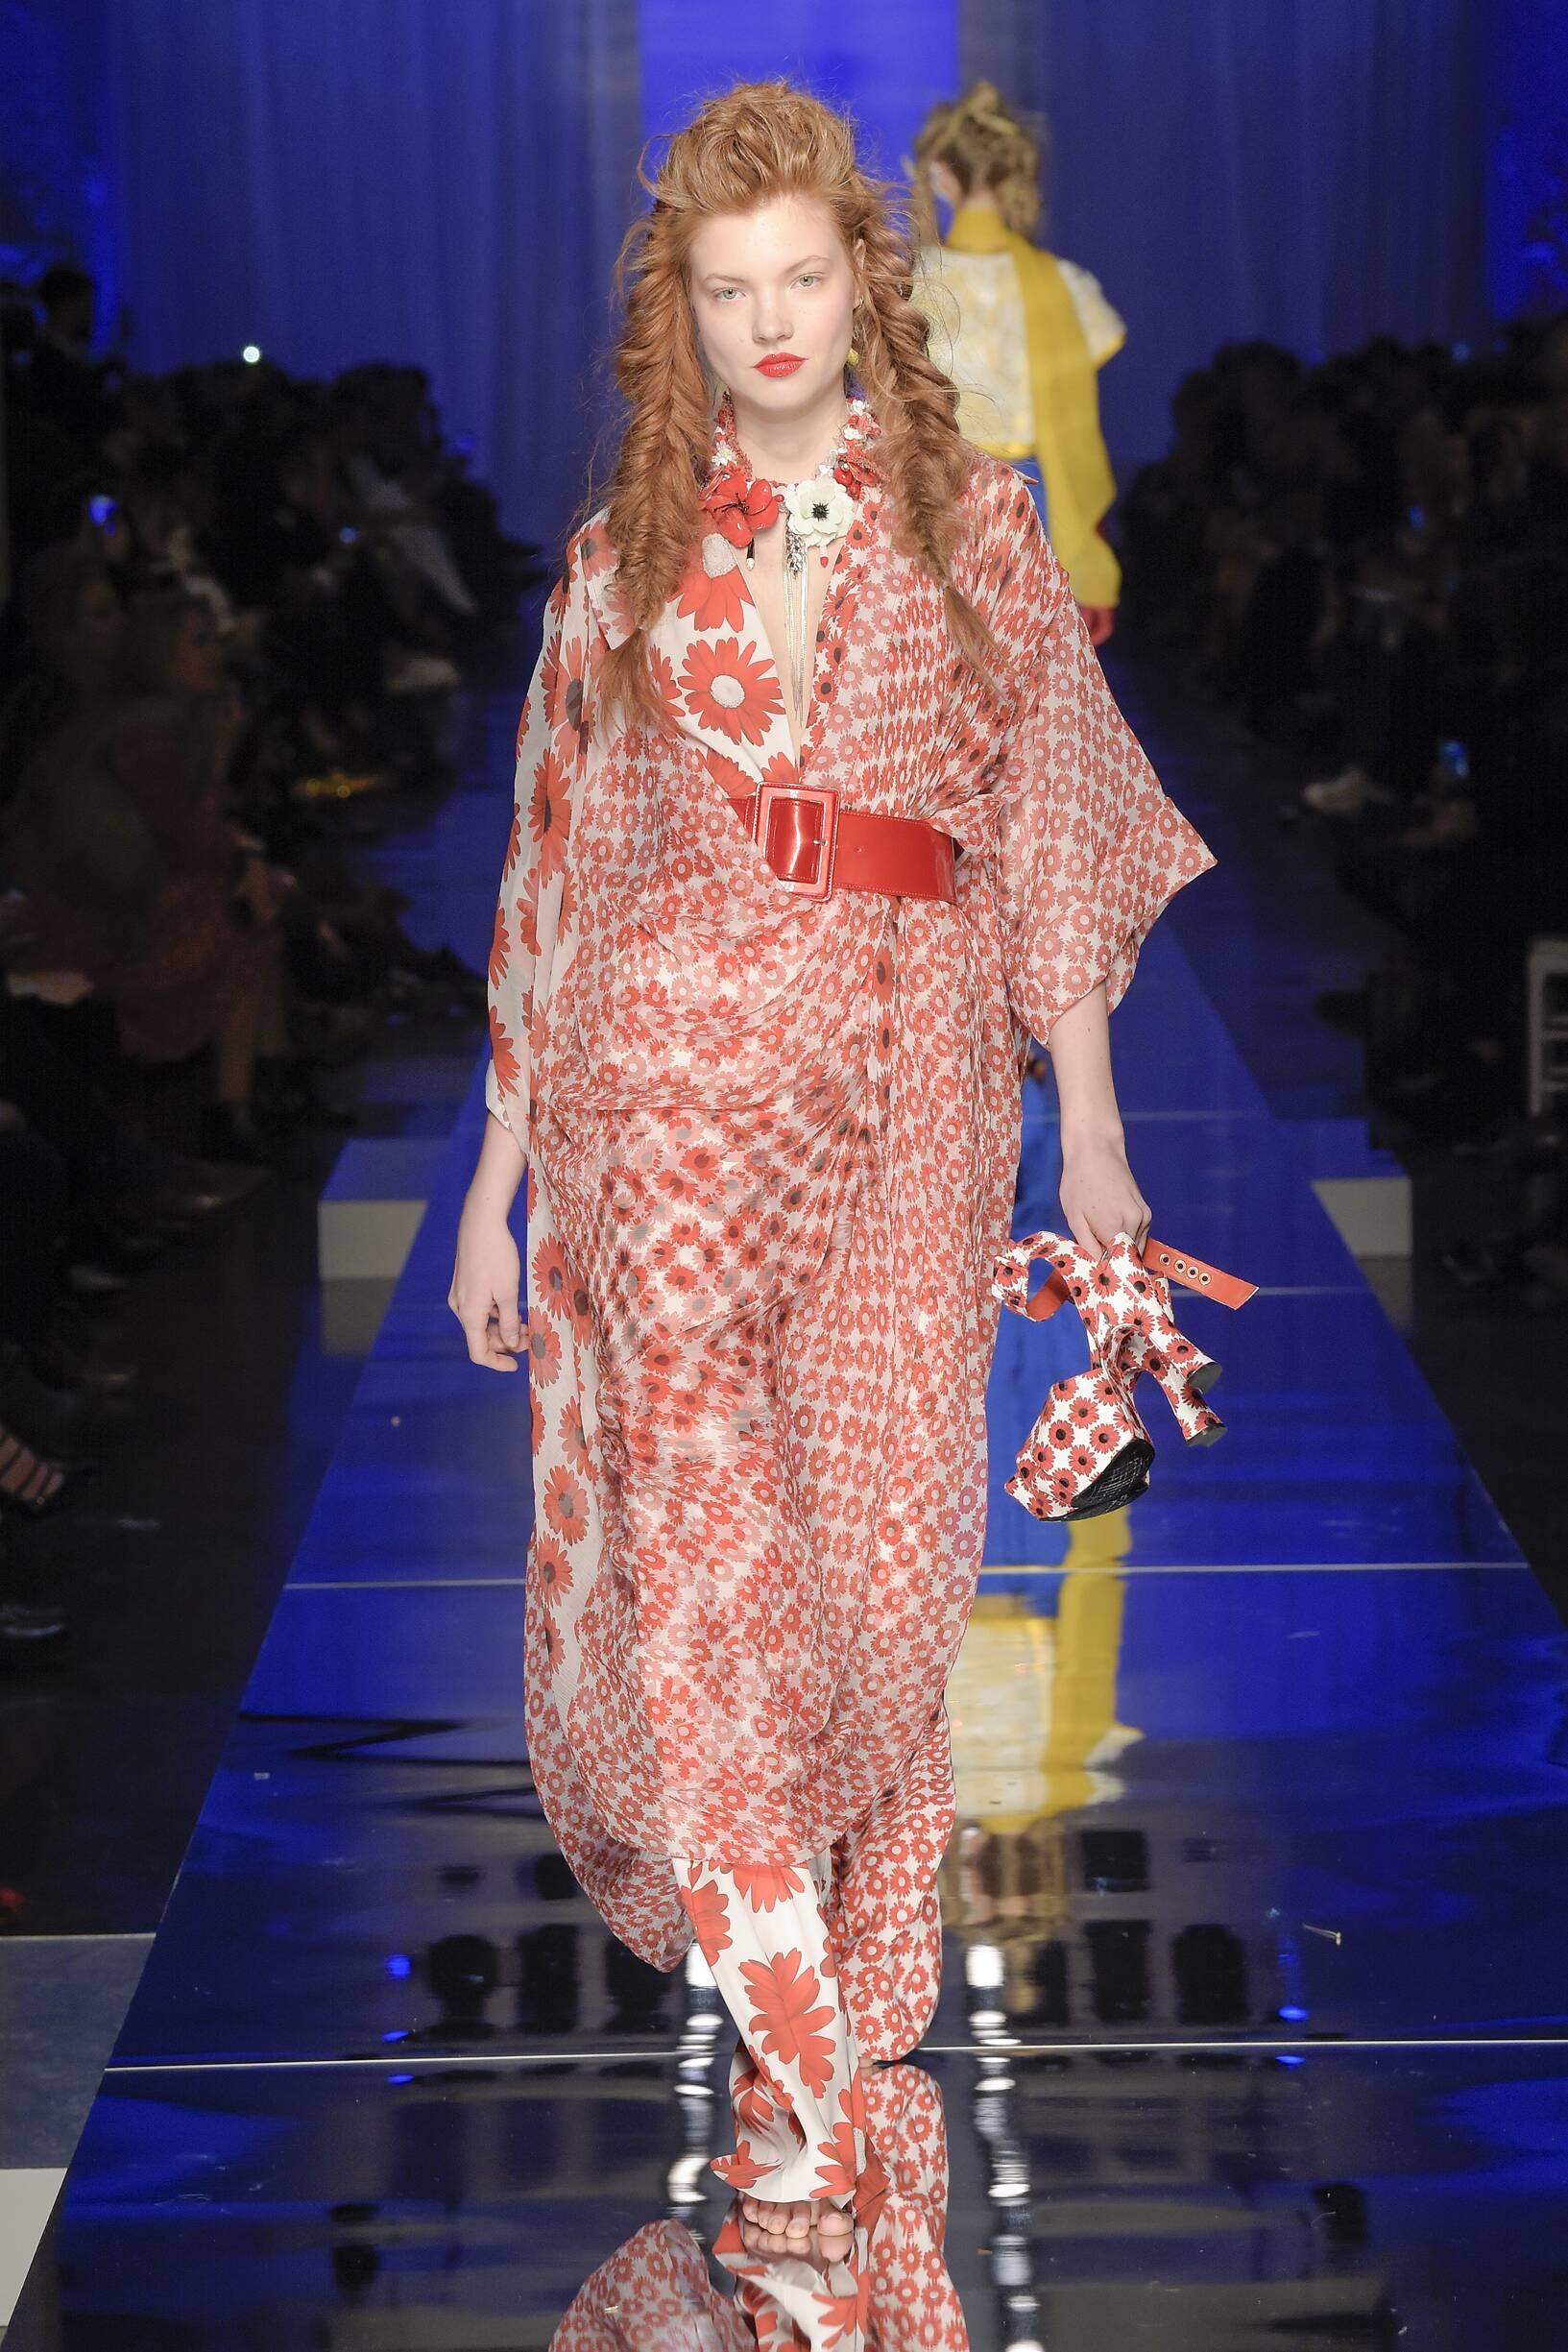 Jean Paul Gaultier Haute Couture 2017 Womenswear